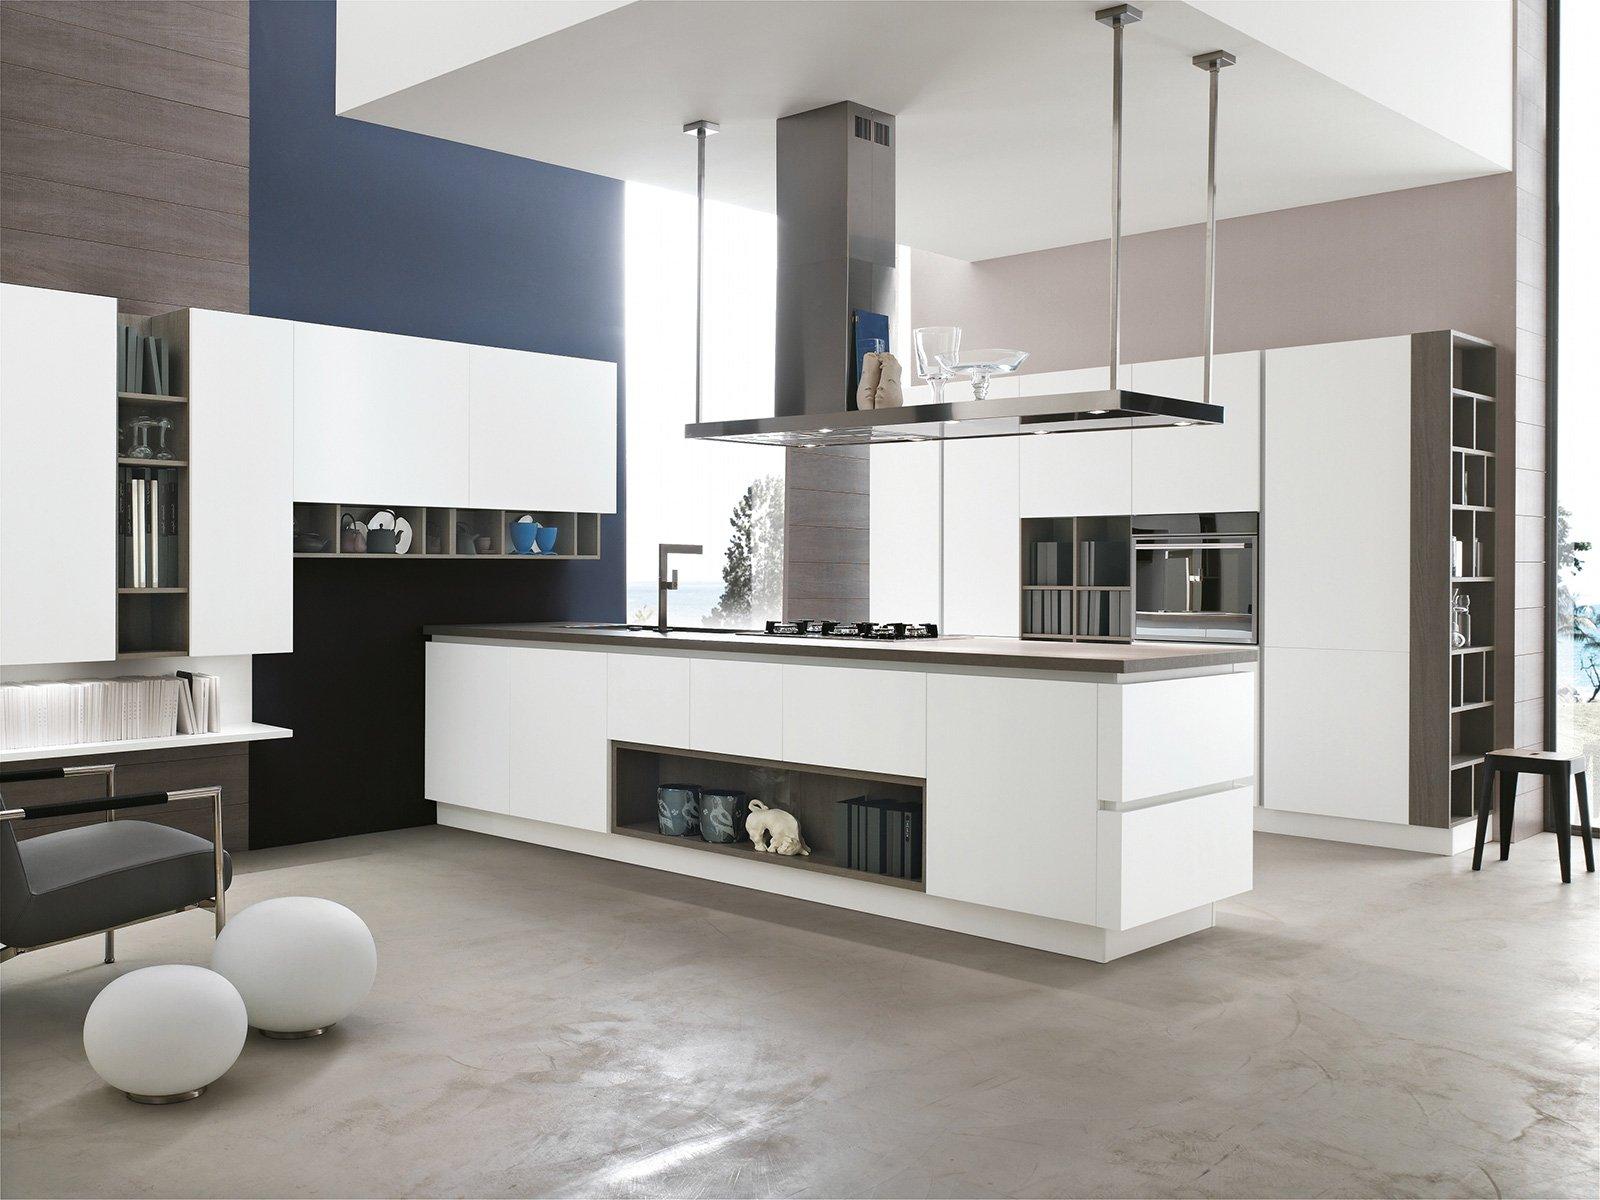 impianti per la cucina: che cosa c'è da sapere - cose di casa - Cappa Cucina Sospesa